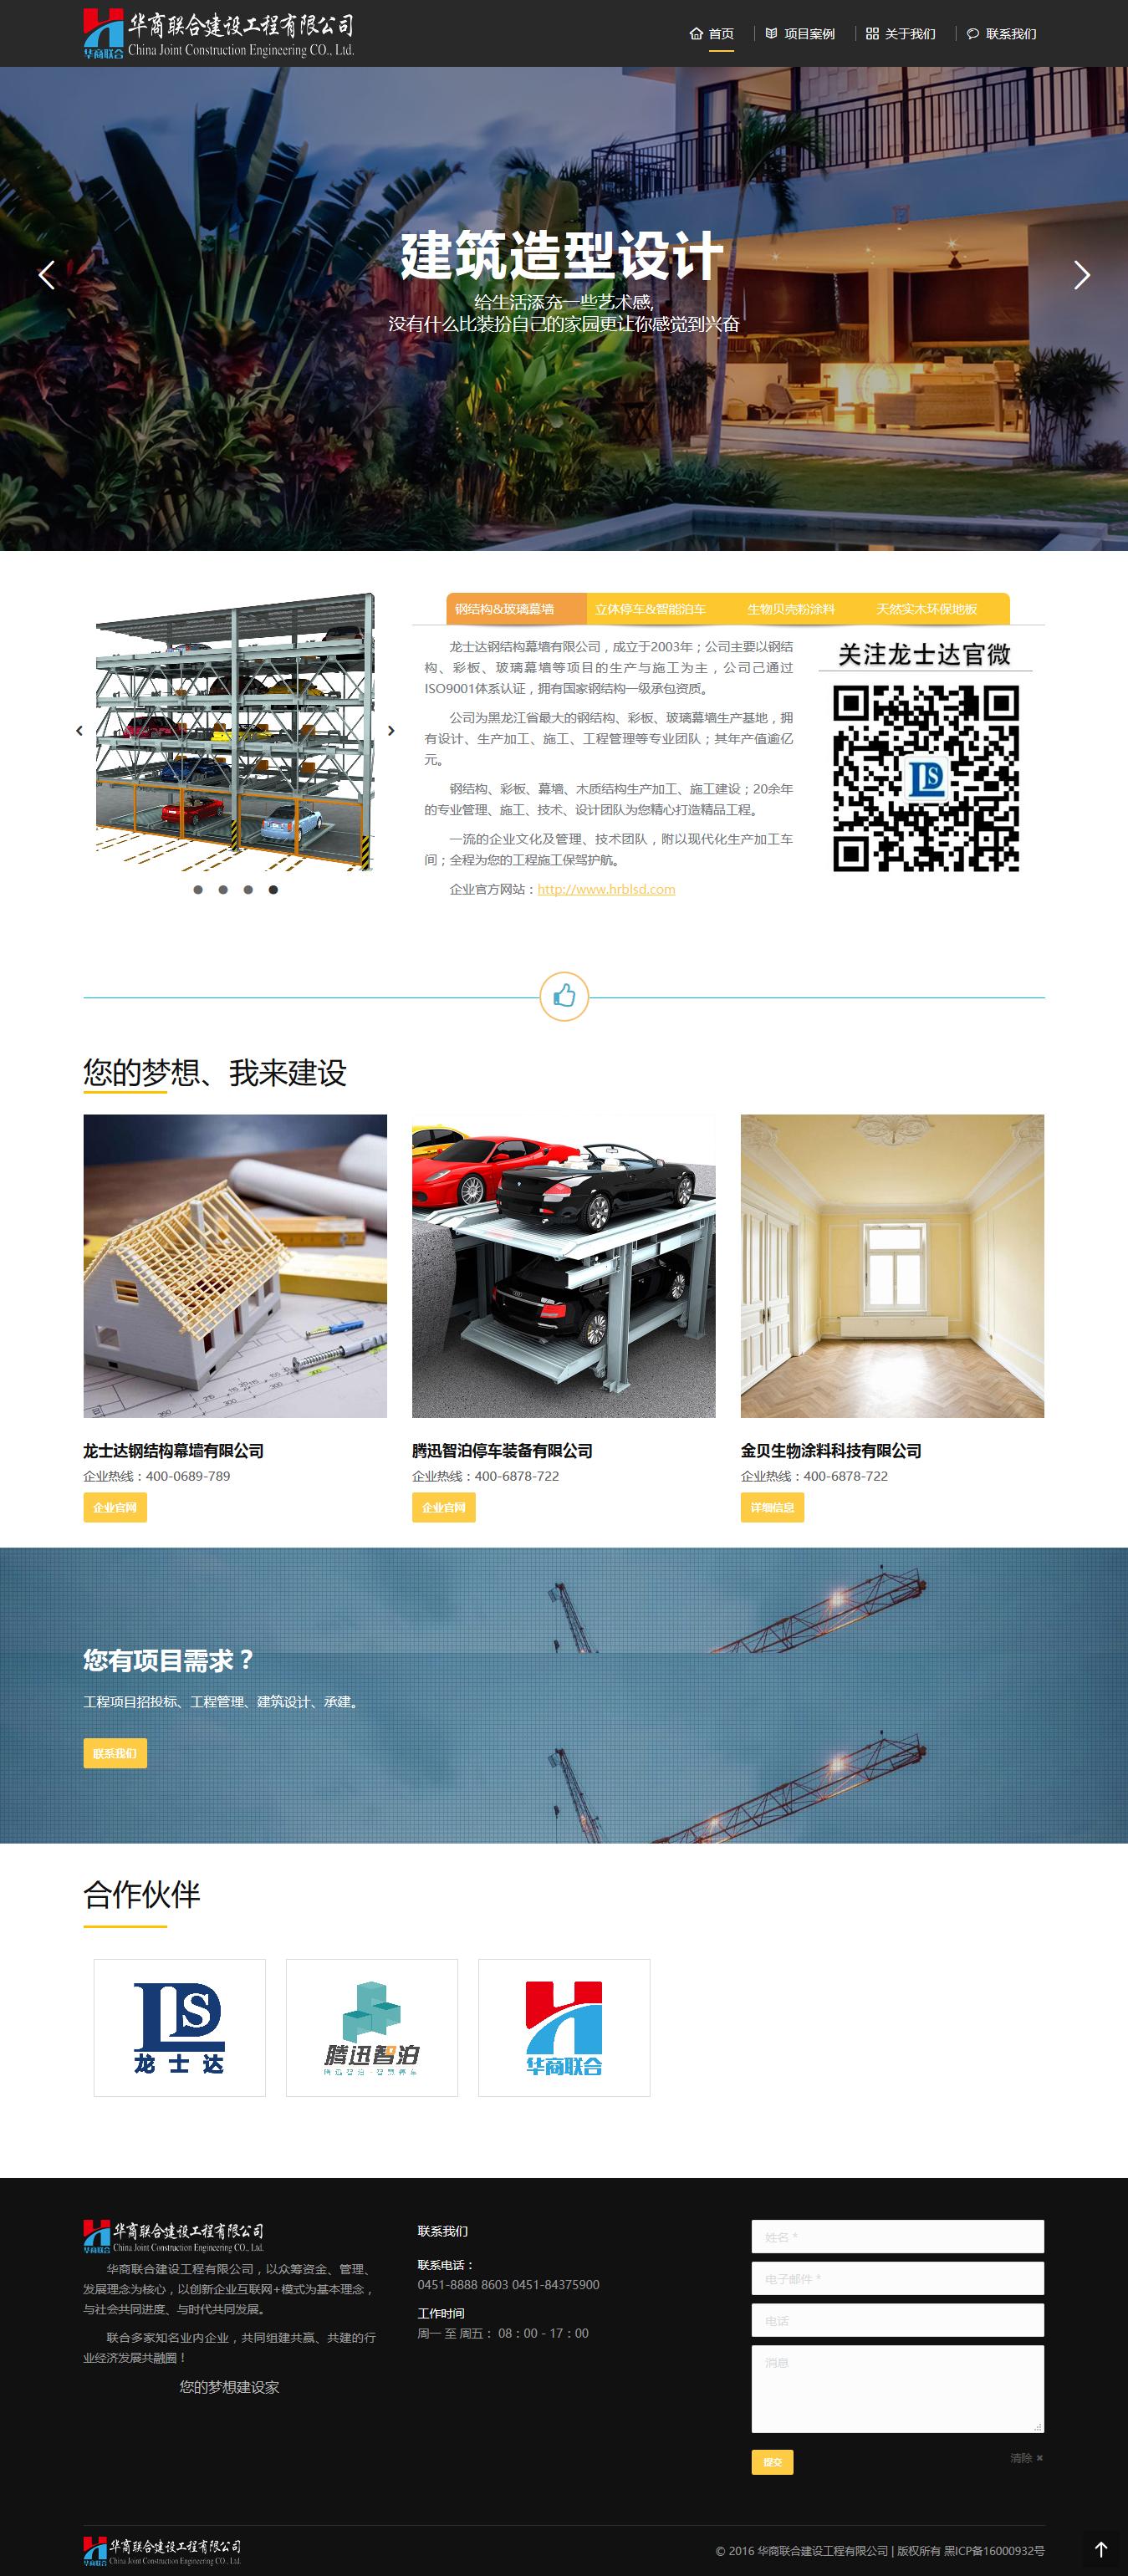 h1 黑龙江省华商联合建设工程有限公司